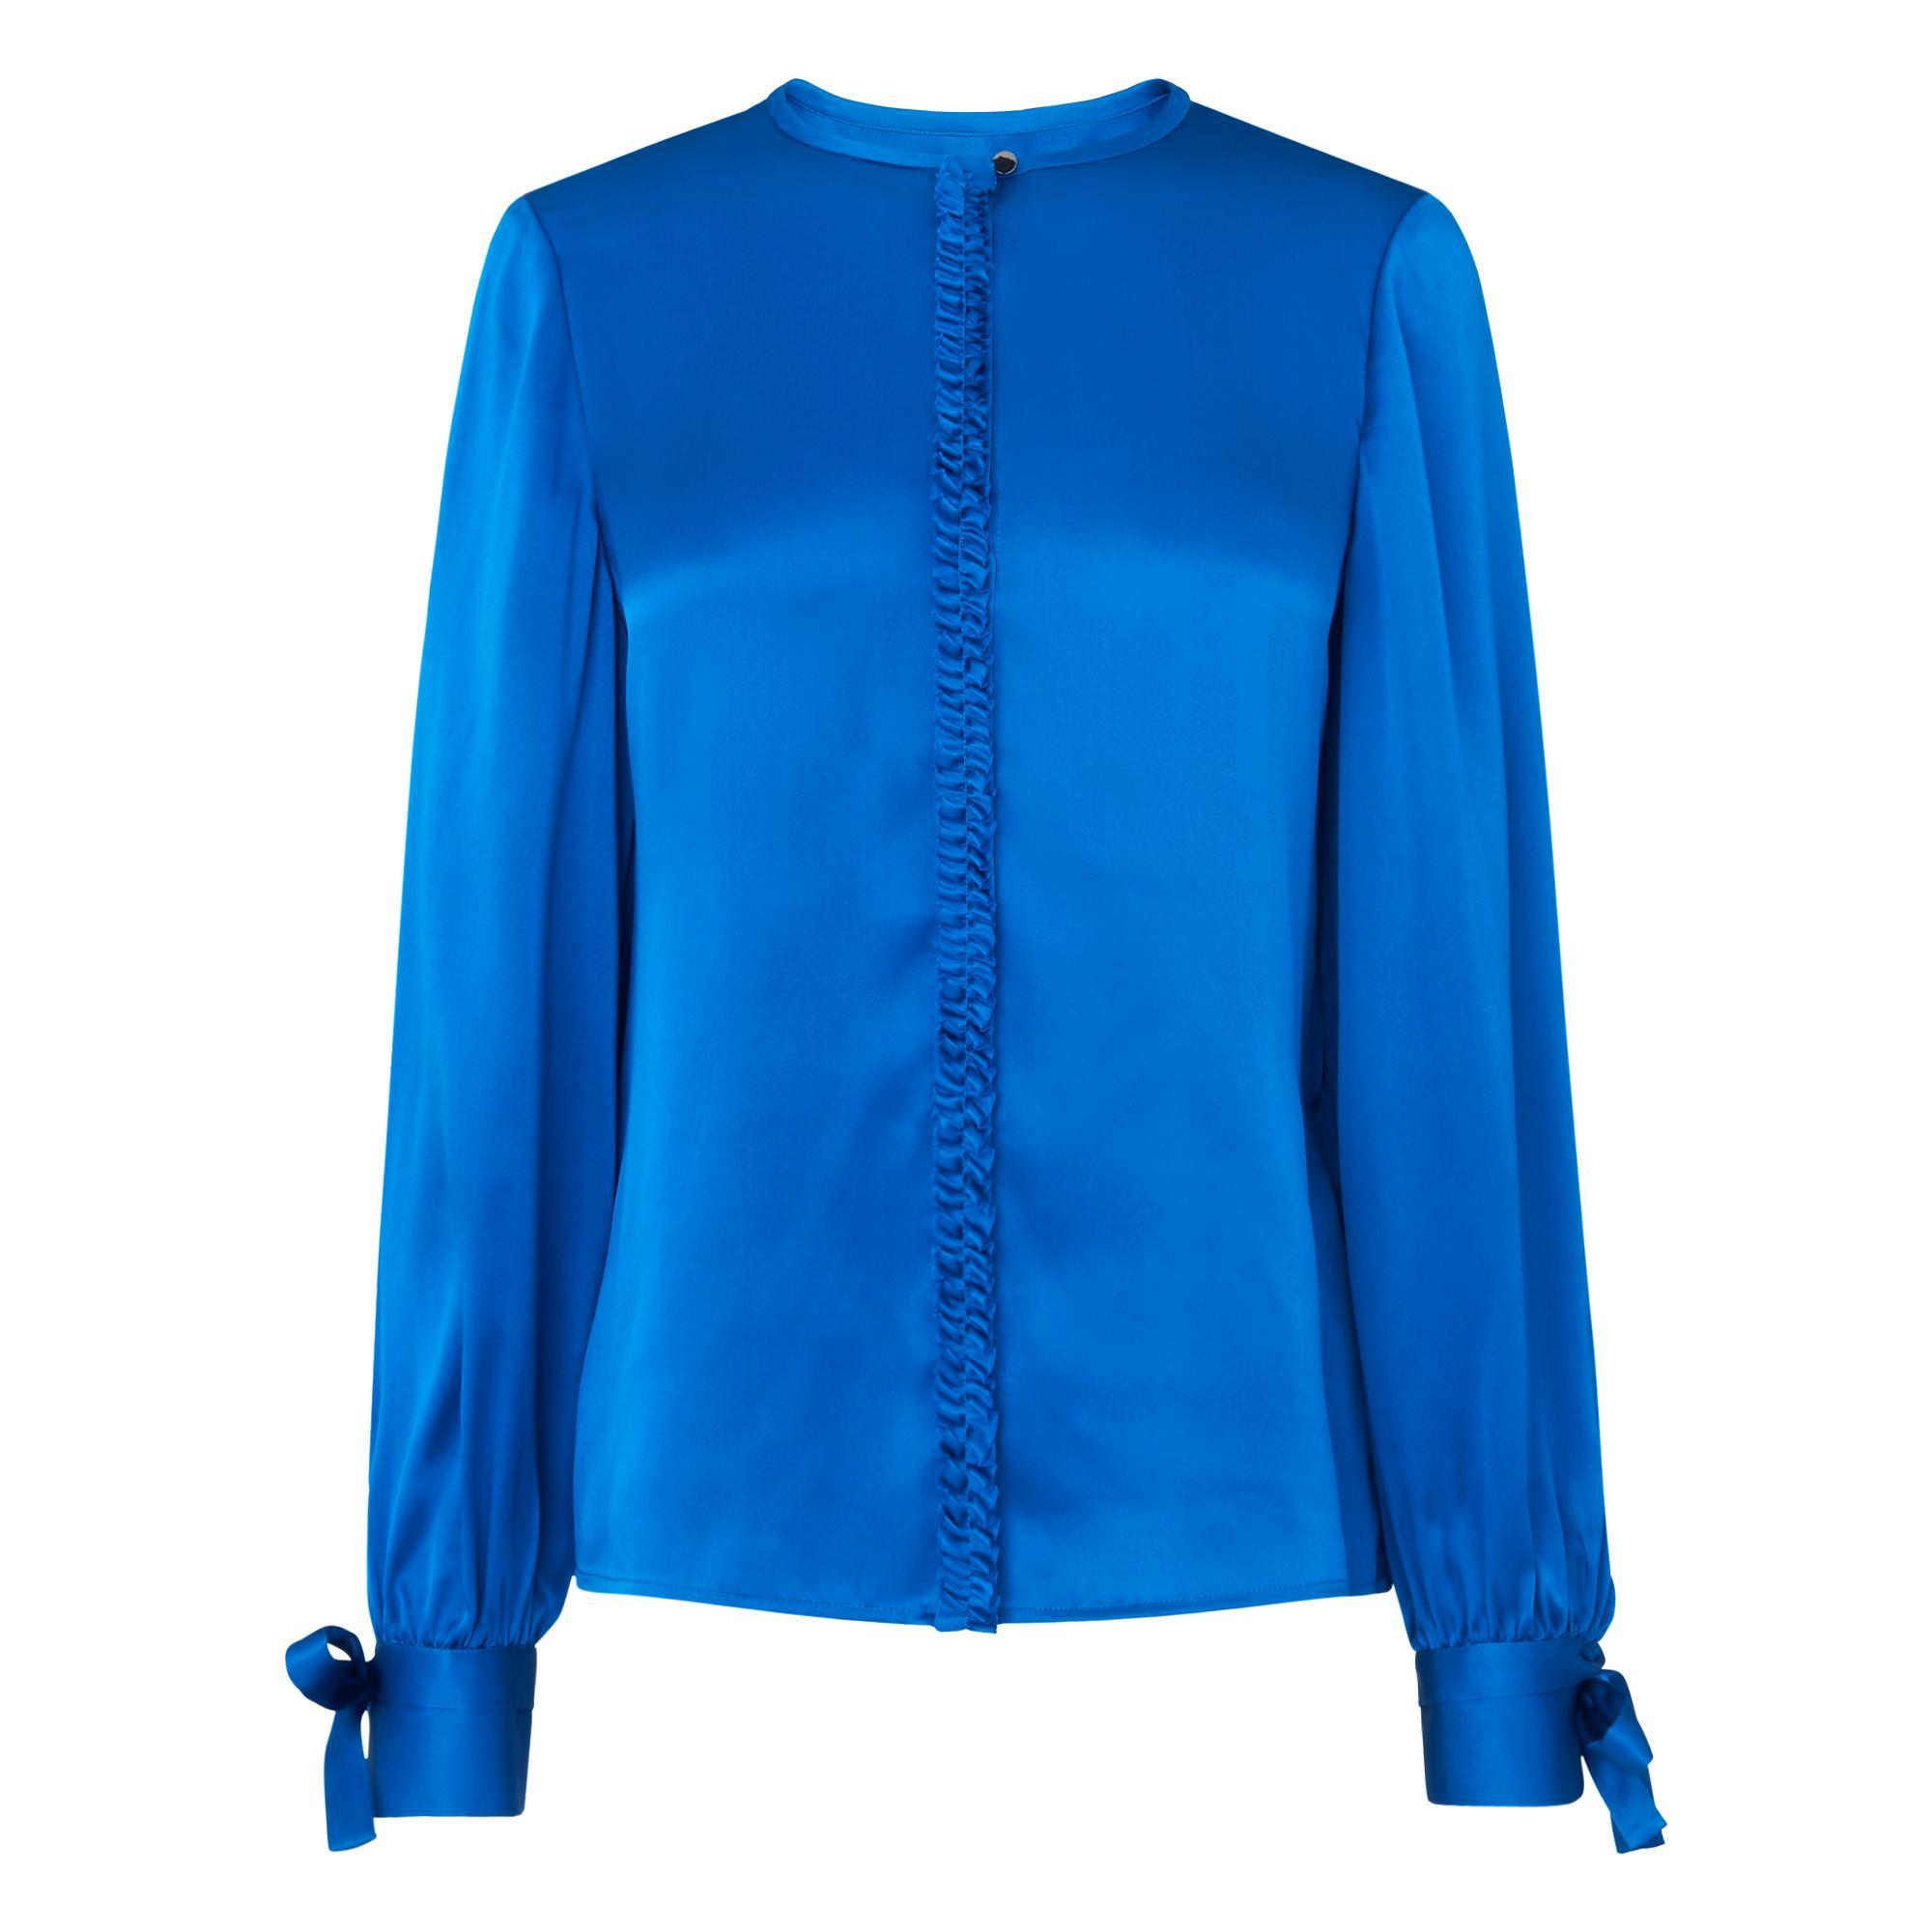 a2b14b1a72d1a Aalia Blue Silk Top